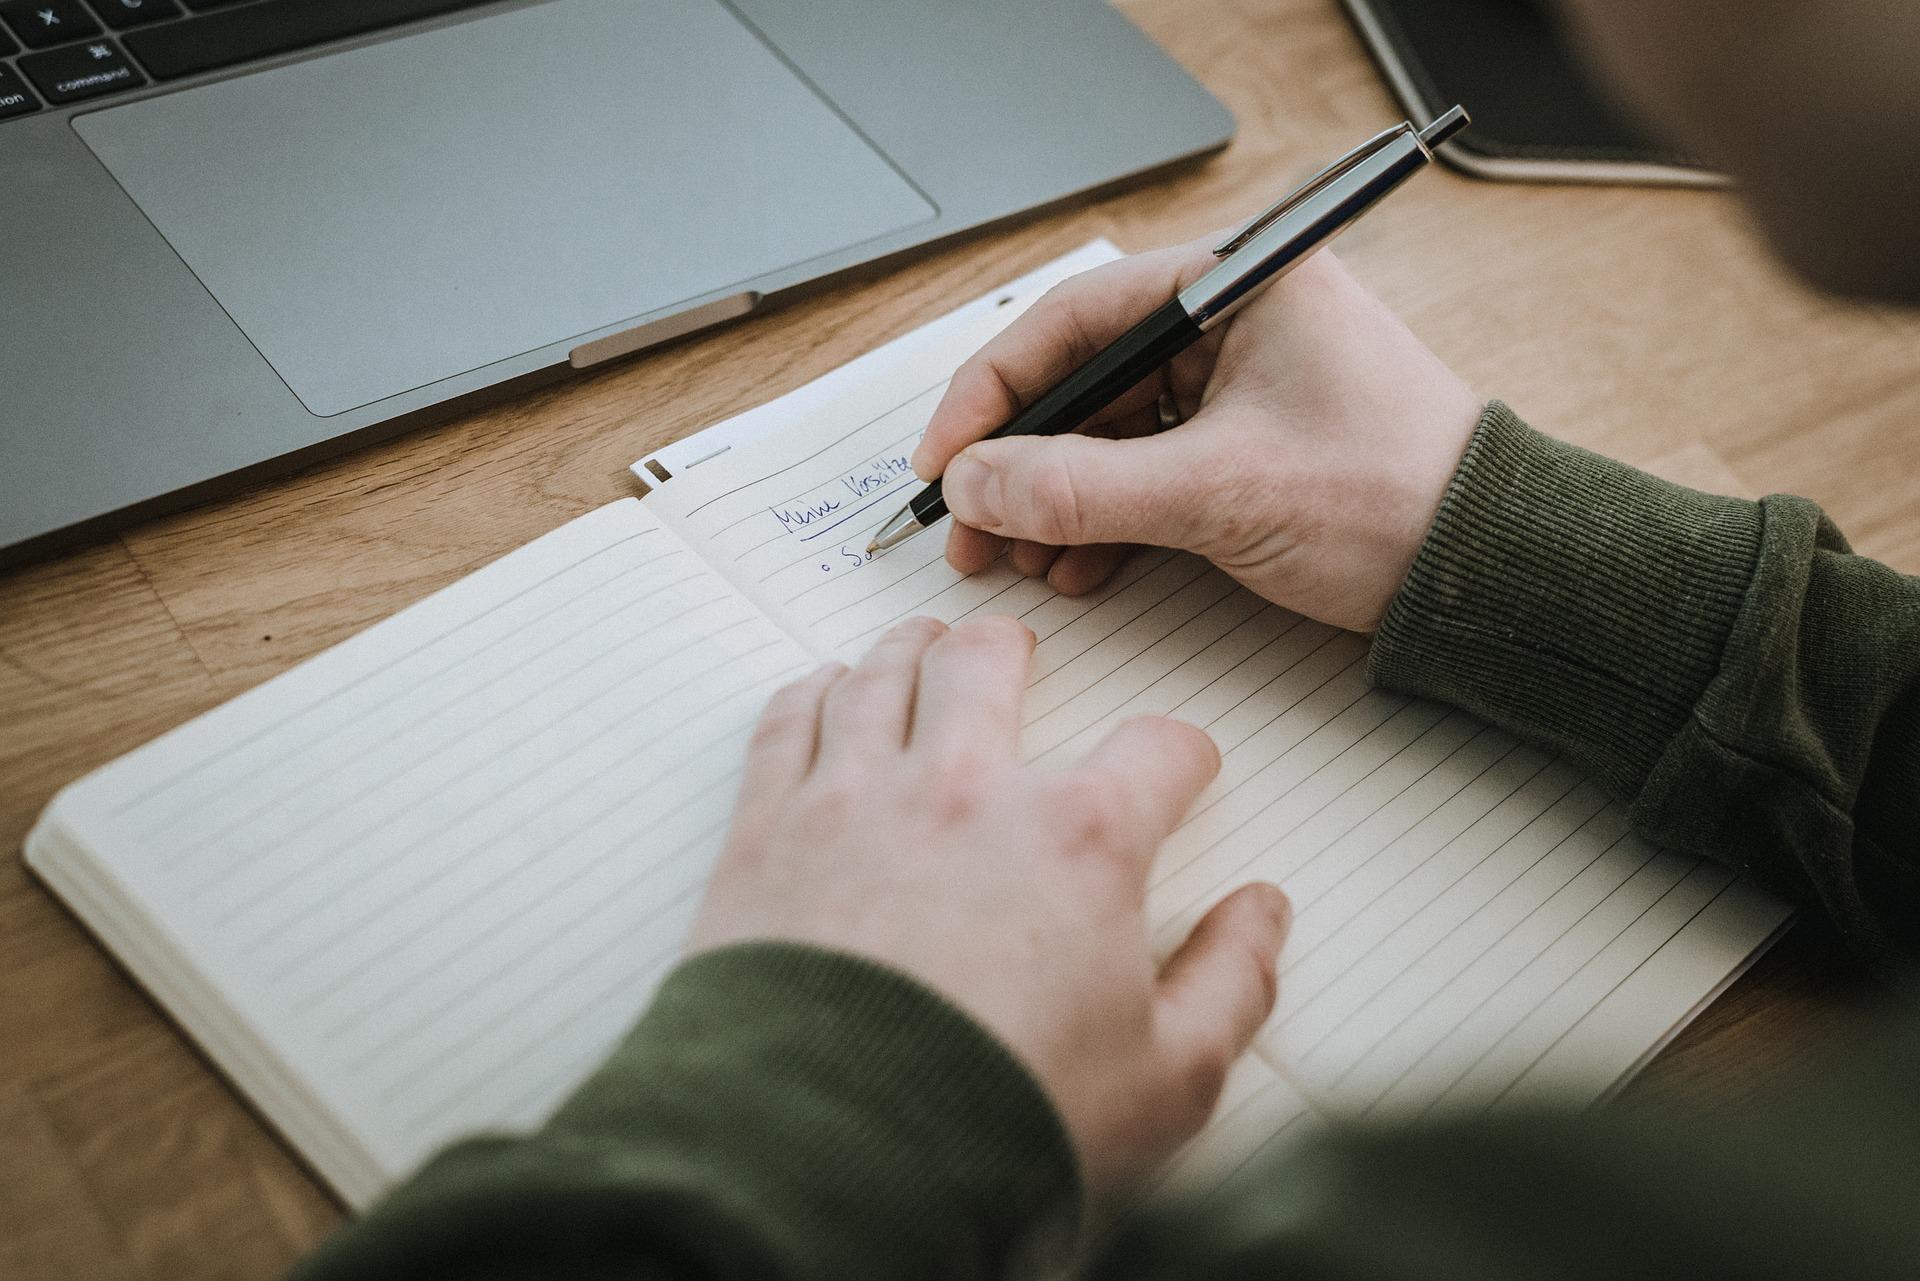 Un estudiante escribe algo en una libreta